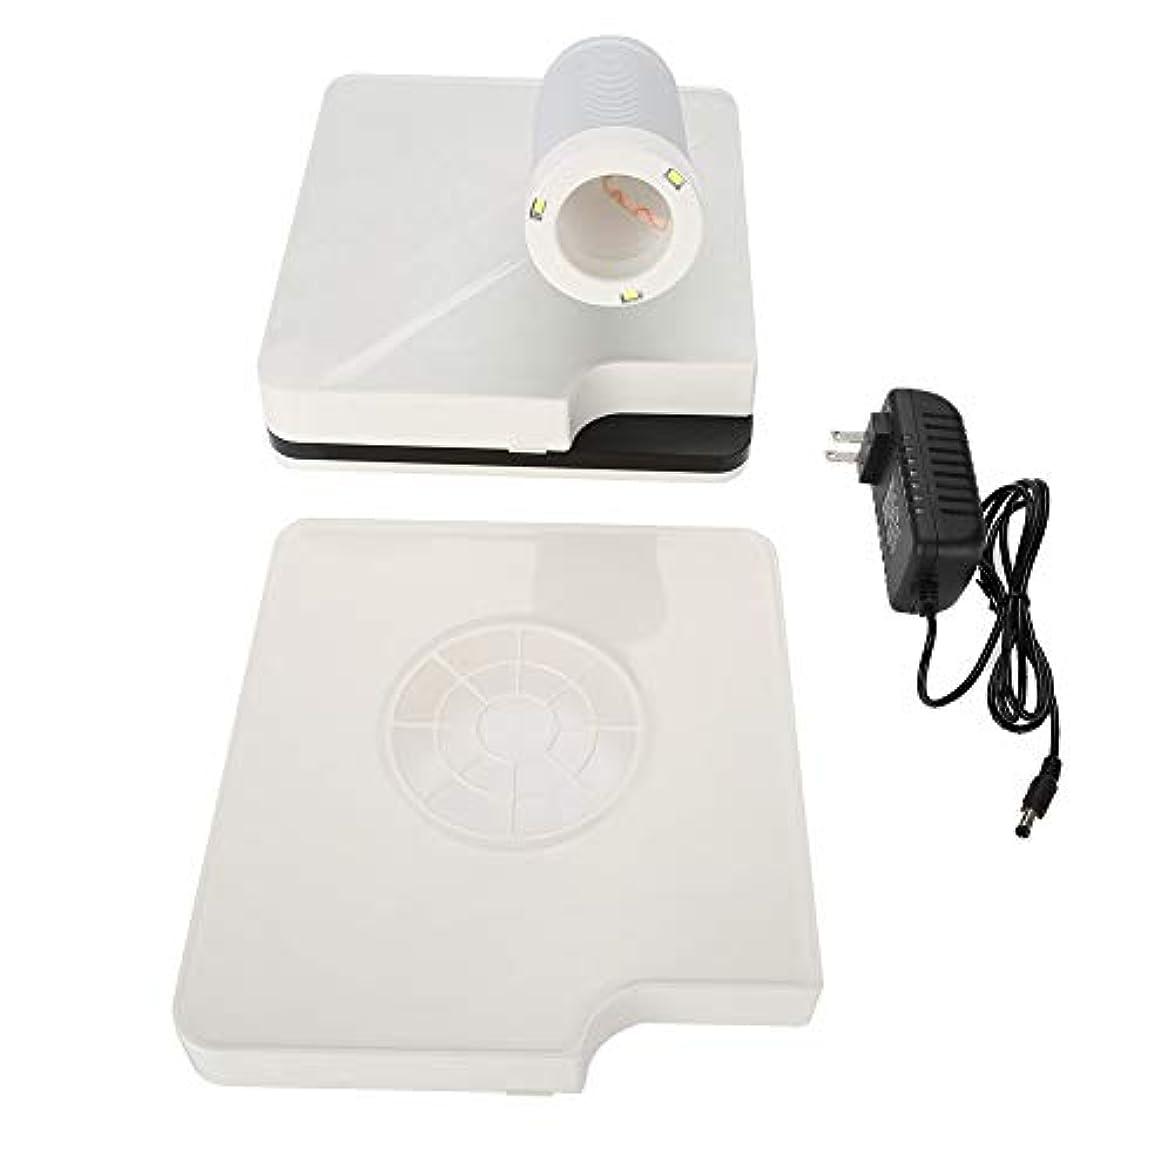 衣服リング積極的にネイルファン ネイルダス 集塵機 ネイル機器 ネイルケア用 (USプラグ) (2in1)